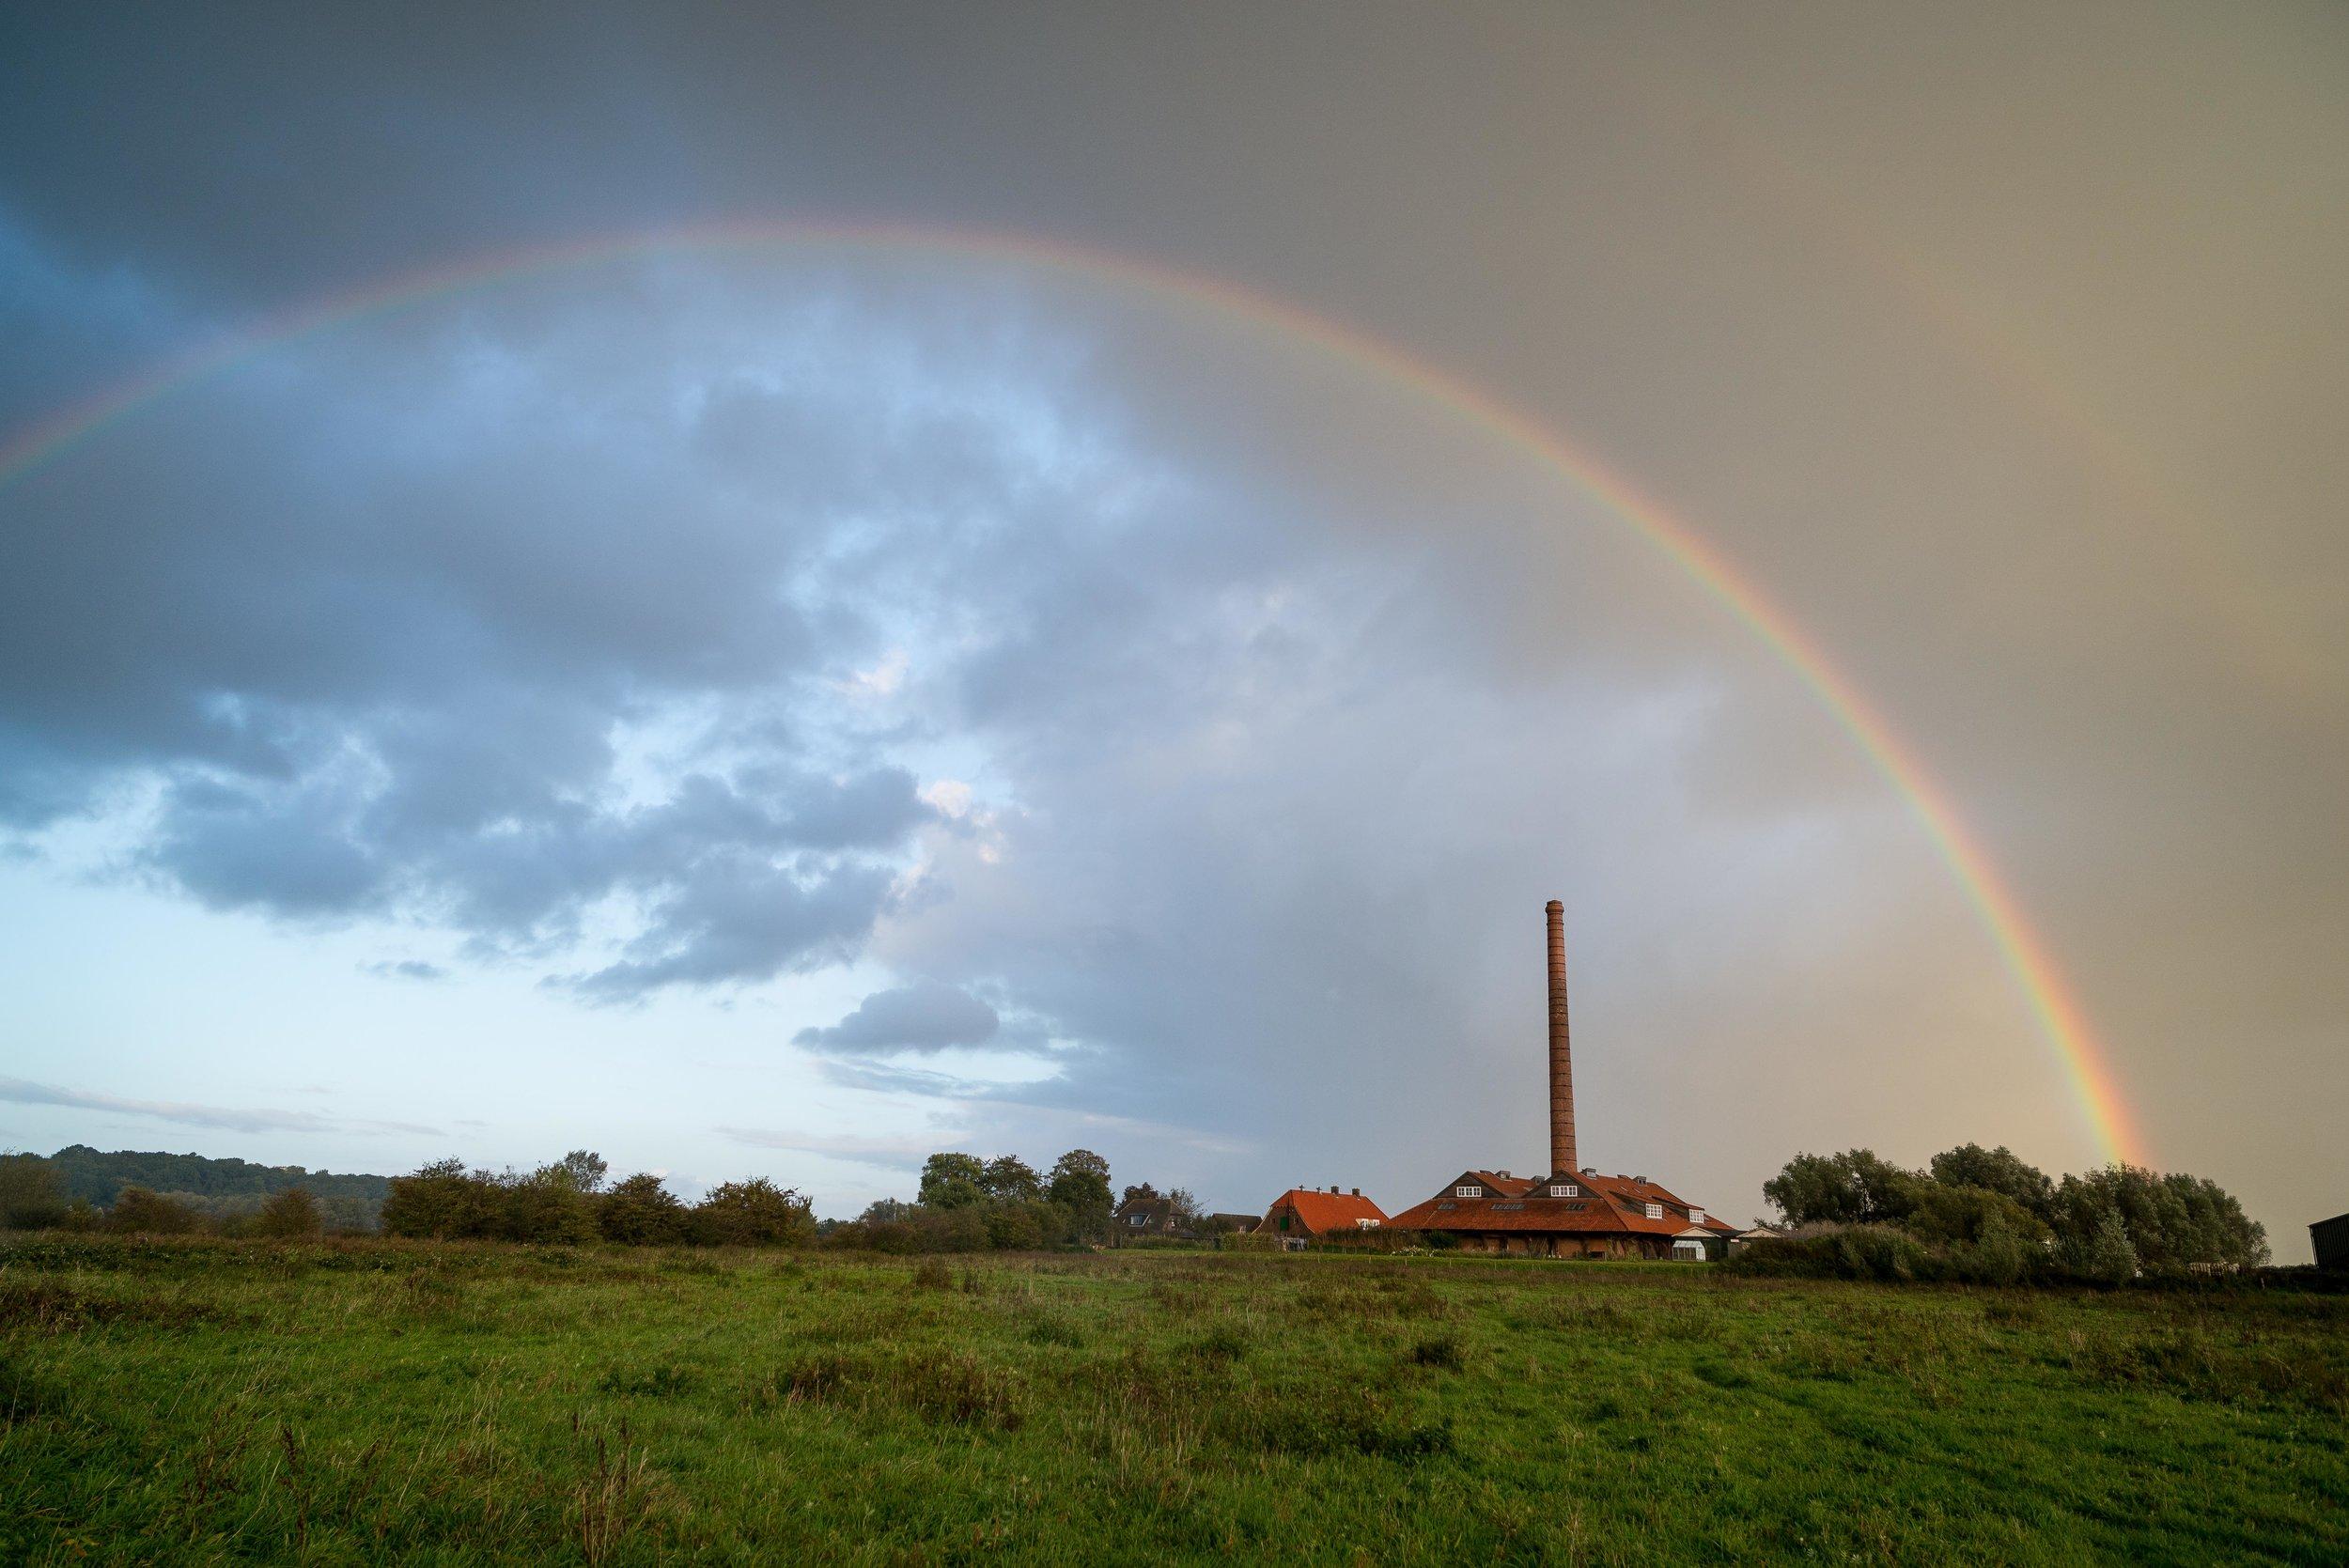 Bovenpolder in Wageningen met zicht op de voormalige steenfabriek 'De Bovenste Polder'. Tot vorig jaar werd er jaarlijks in dit gebied gebroed door de kwartelkoning. (Foto: Sjoerd Schimmel)